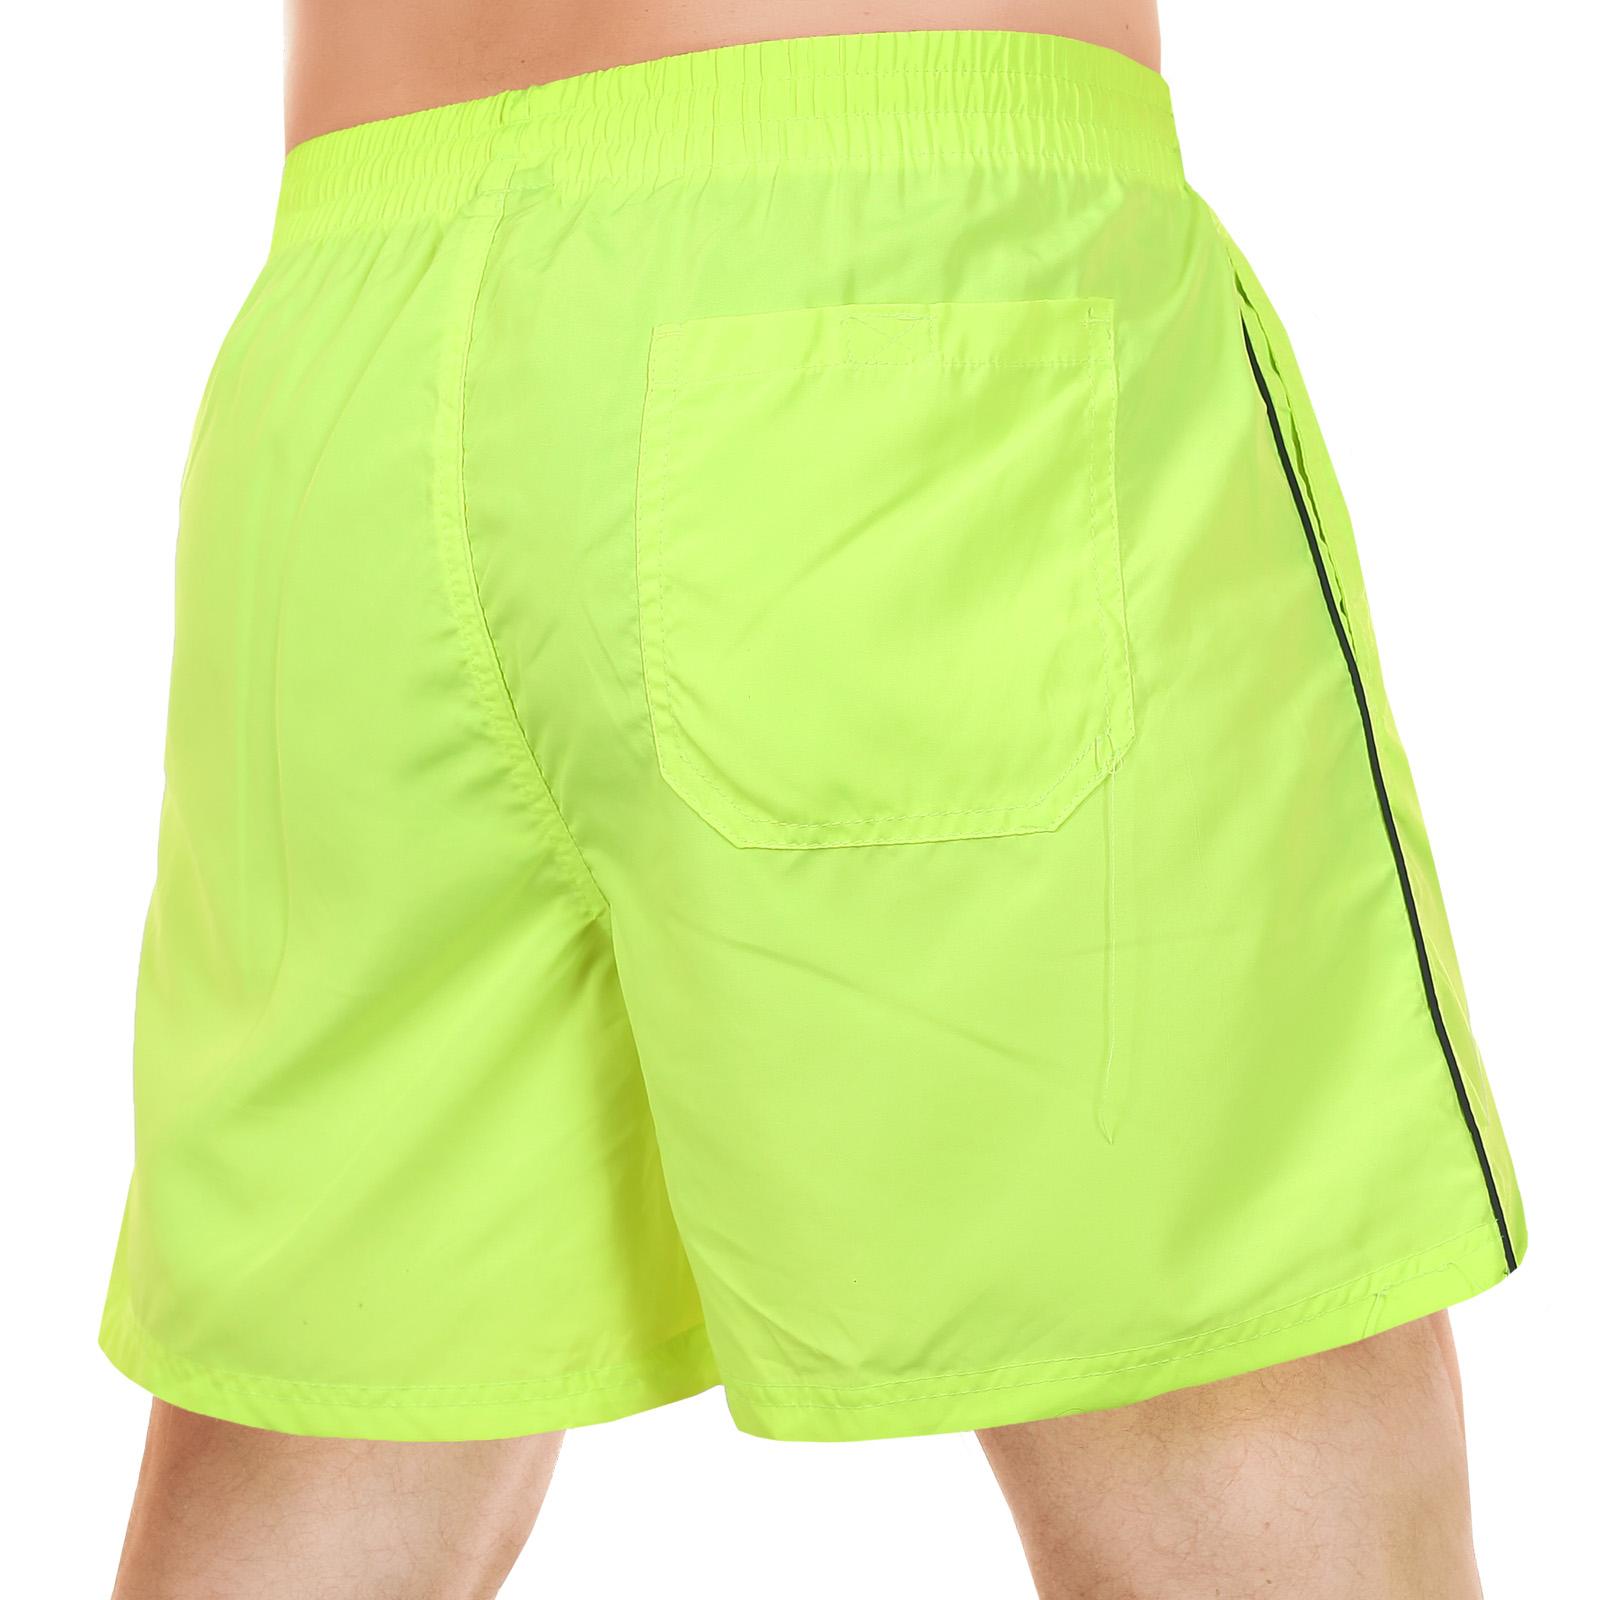 Хитовые мужские шорты от MACE (Канада) для пляжных романов по выгодной цене